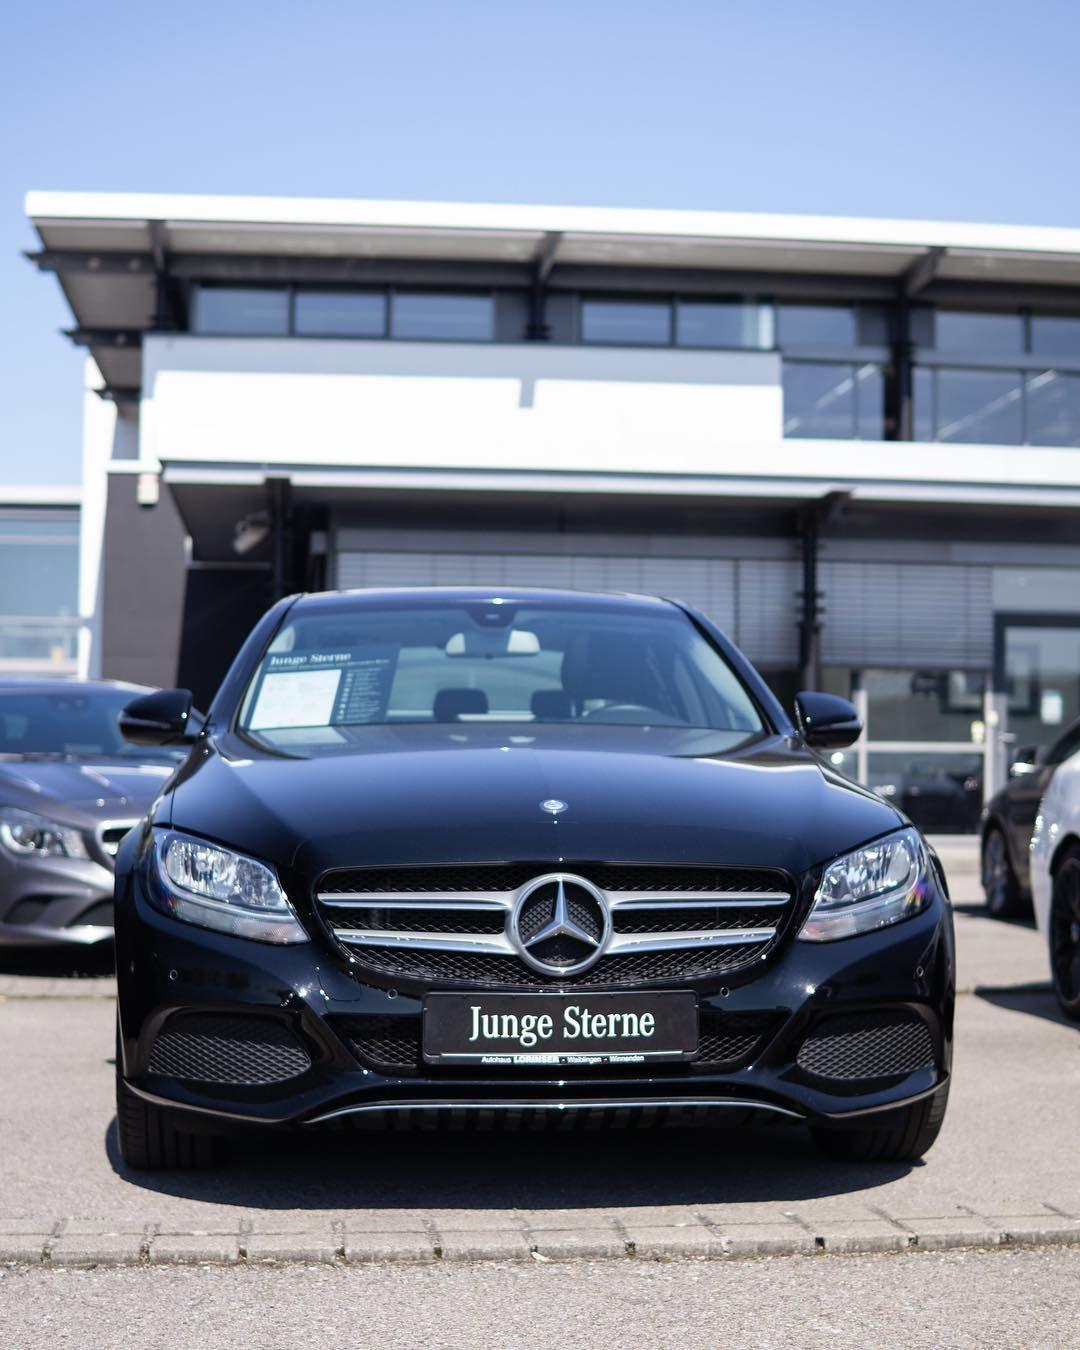 Gebrauchtwagen Der Woche Mercedes Benz C 160 Limo Preis 20 90001 Erstzulassung Gebrauchtwagen Der Woche Mercedes Benz C 160 L Mercedes Benz Benz C Mercedes